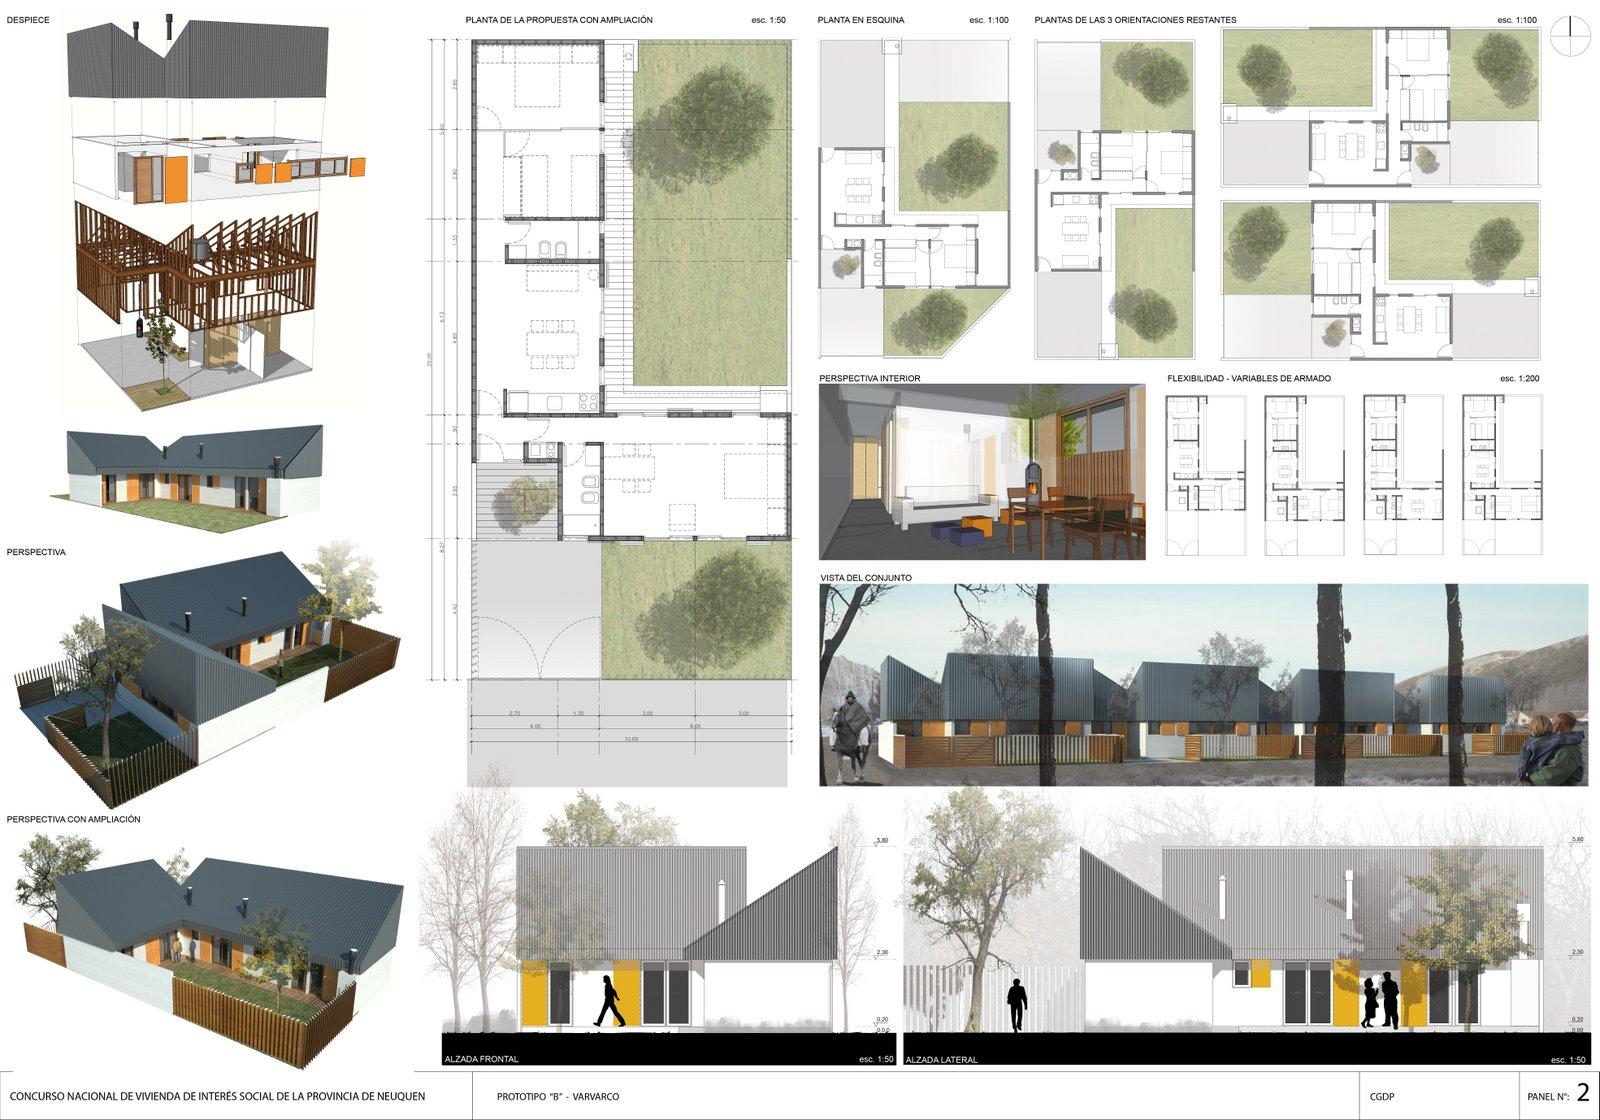 Pablo briguglio arquitectura noviembre 2011 for Laminas arquitectura